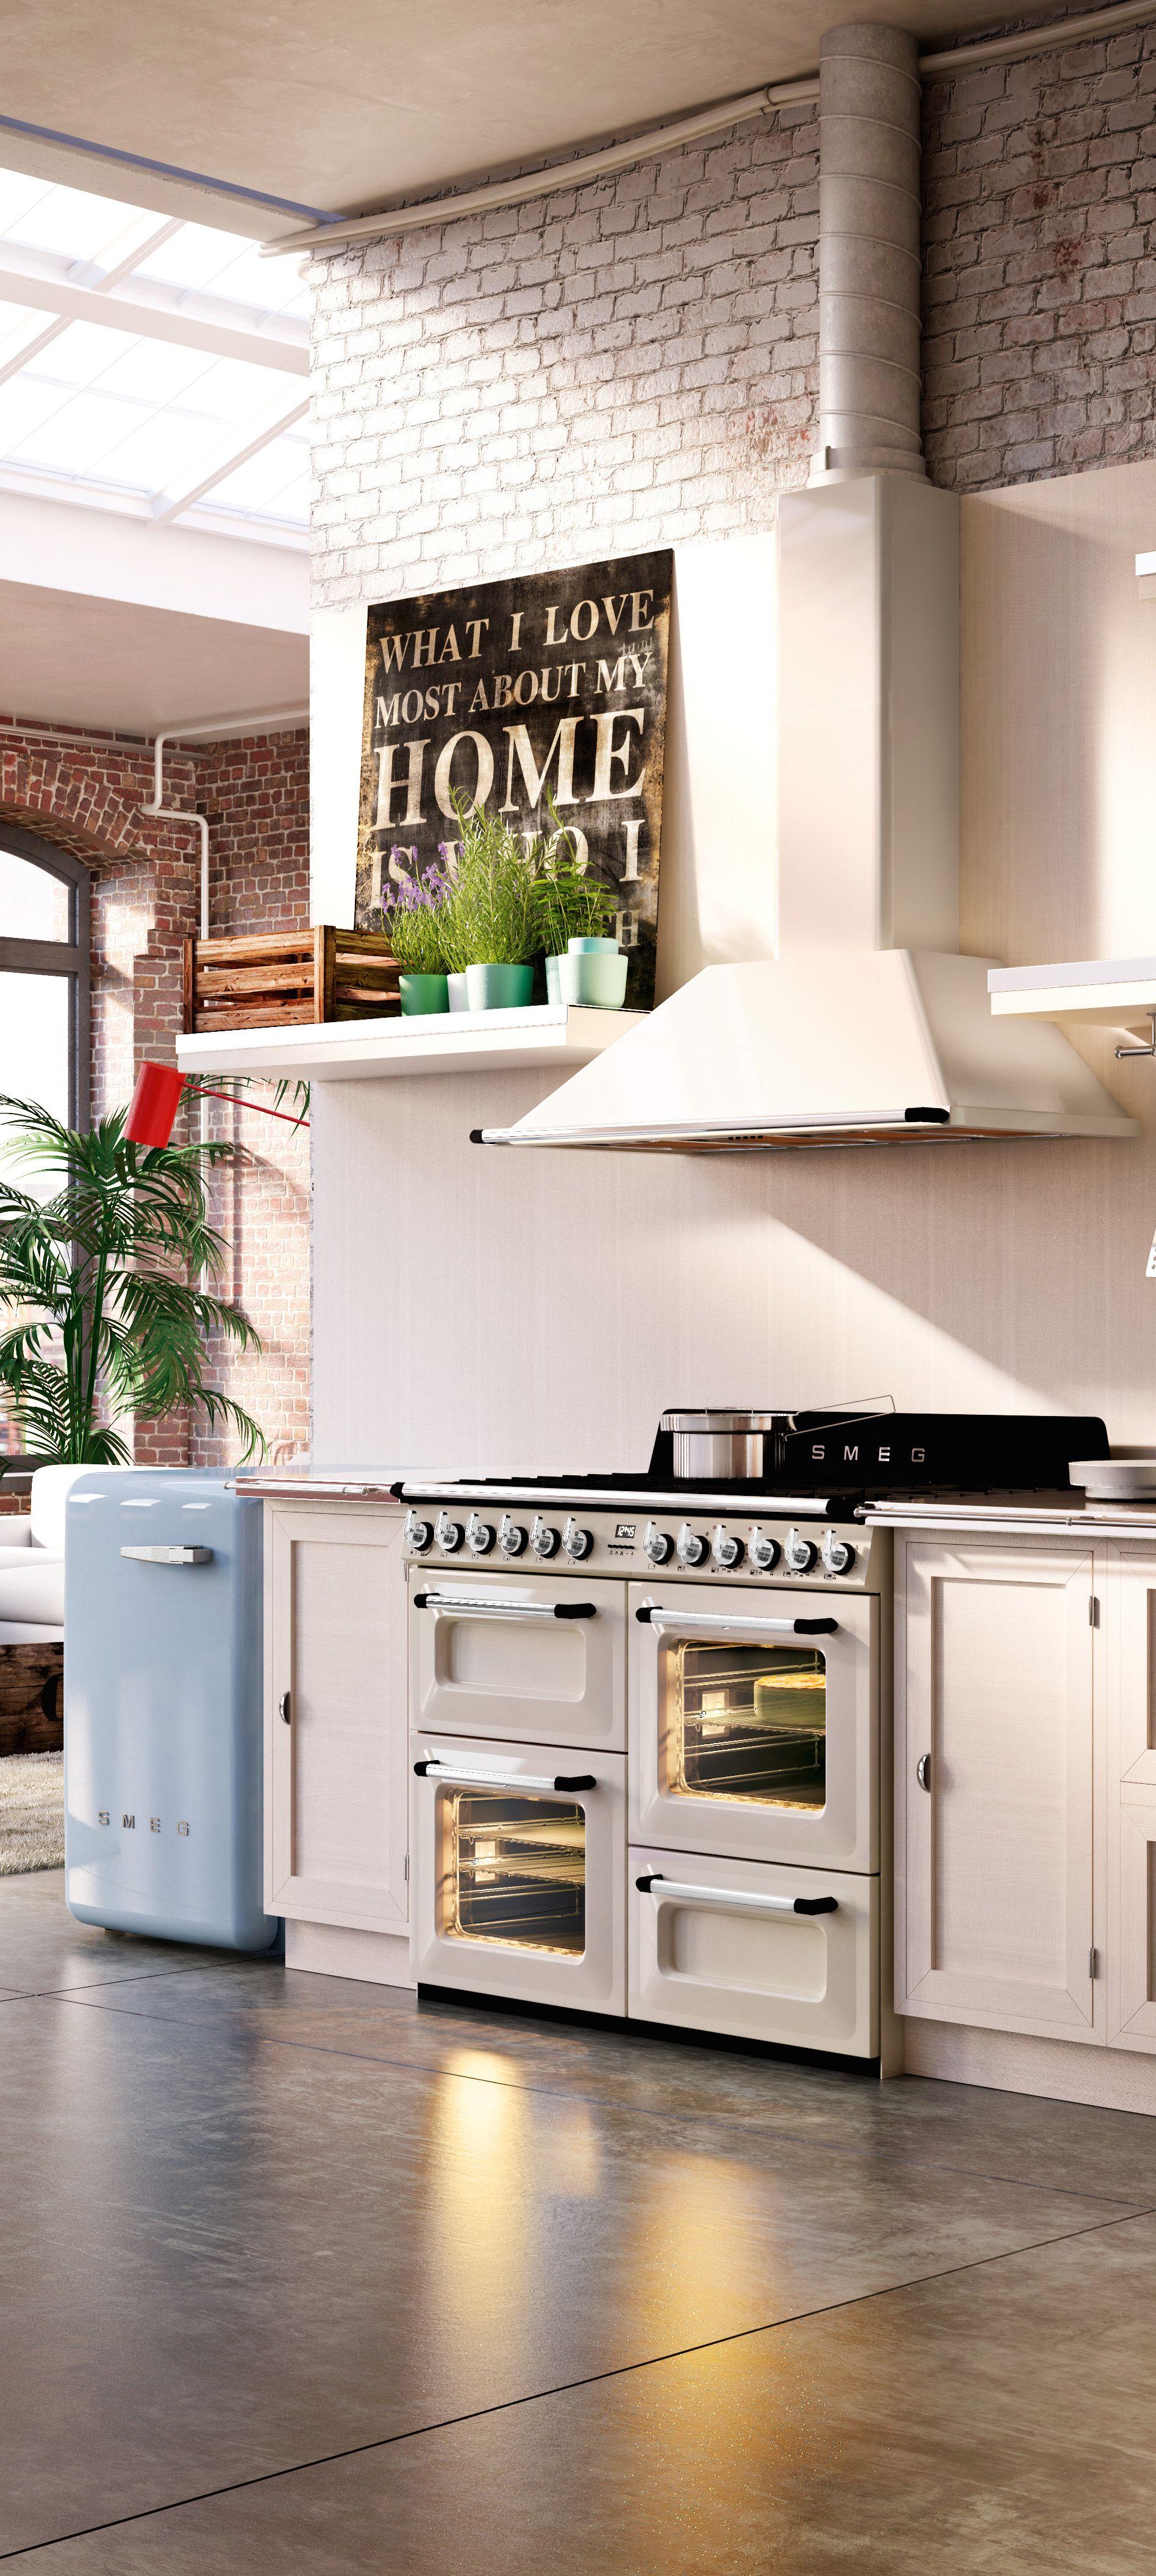 Frigo Smeg Anni 50 Piccolo victoria | loft kitchen, kitchen cooker